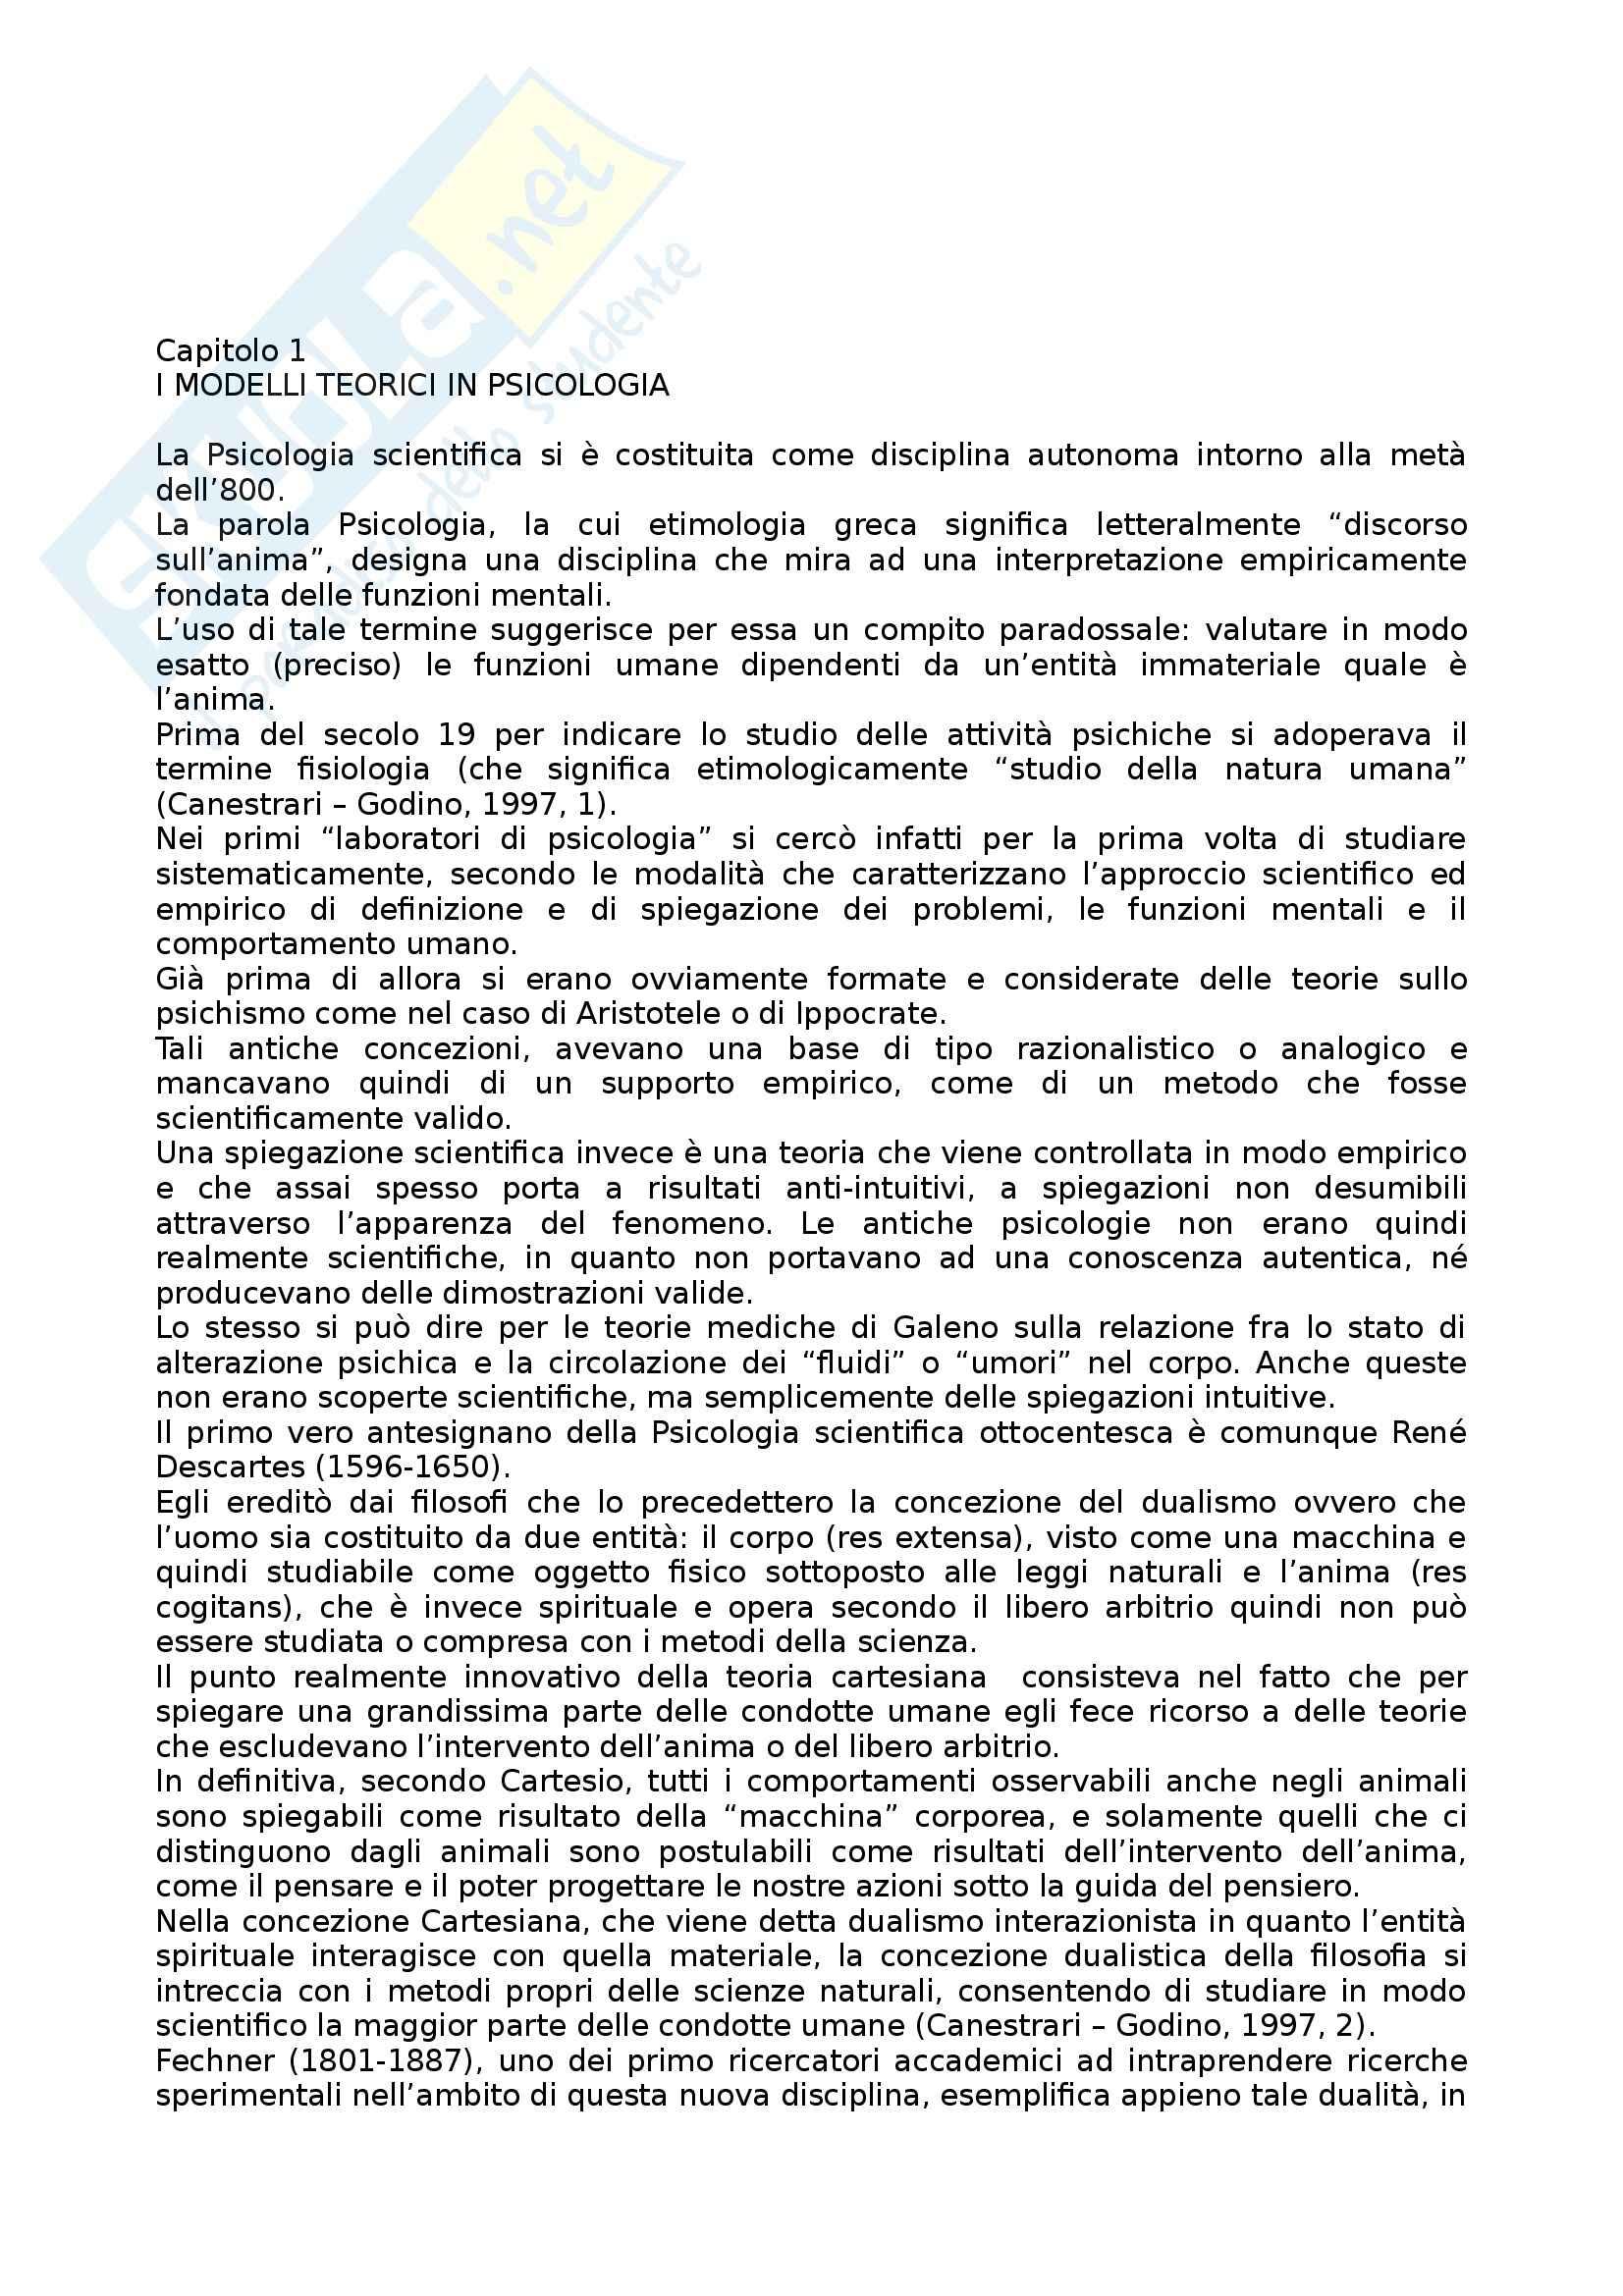 Riassunto esame Psicologia Generale, prof. Miceli, libro consigliato Trattato di Psicologia, Canestrari, Godino